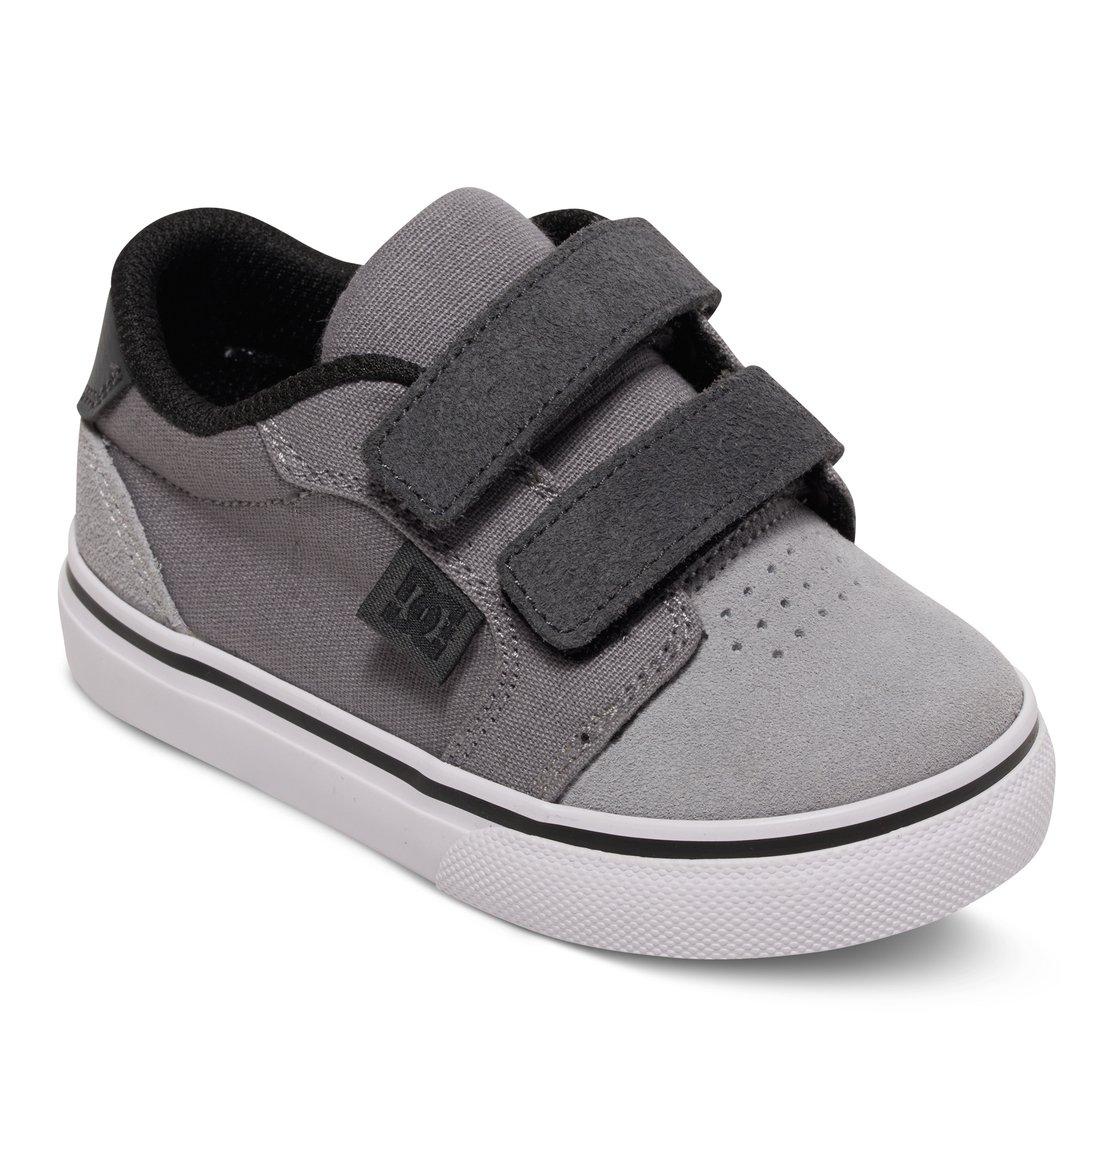 Dc Shoes Anvil Black